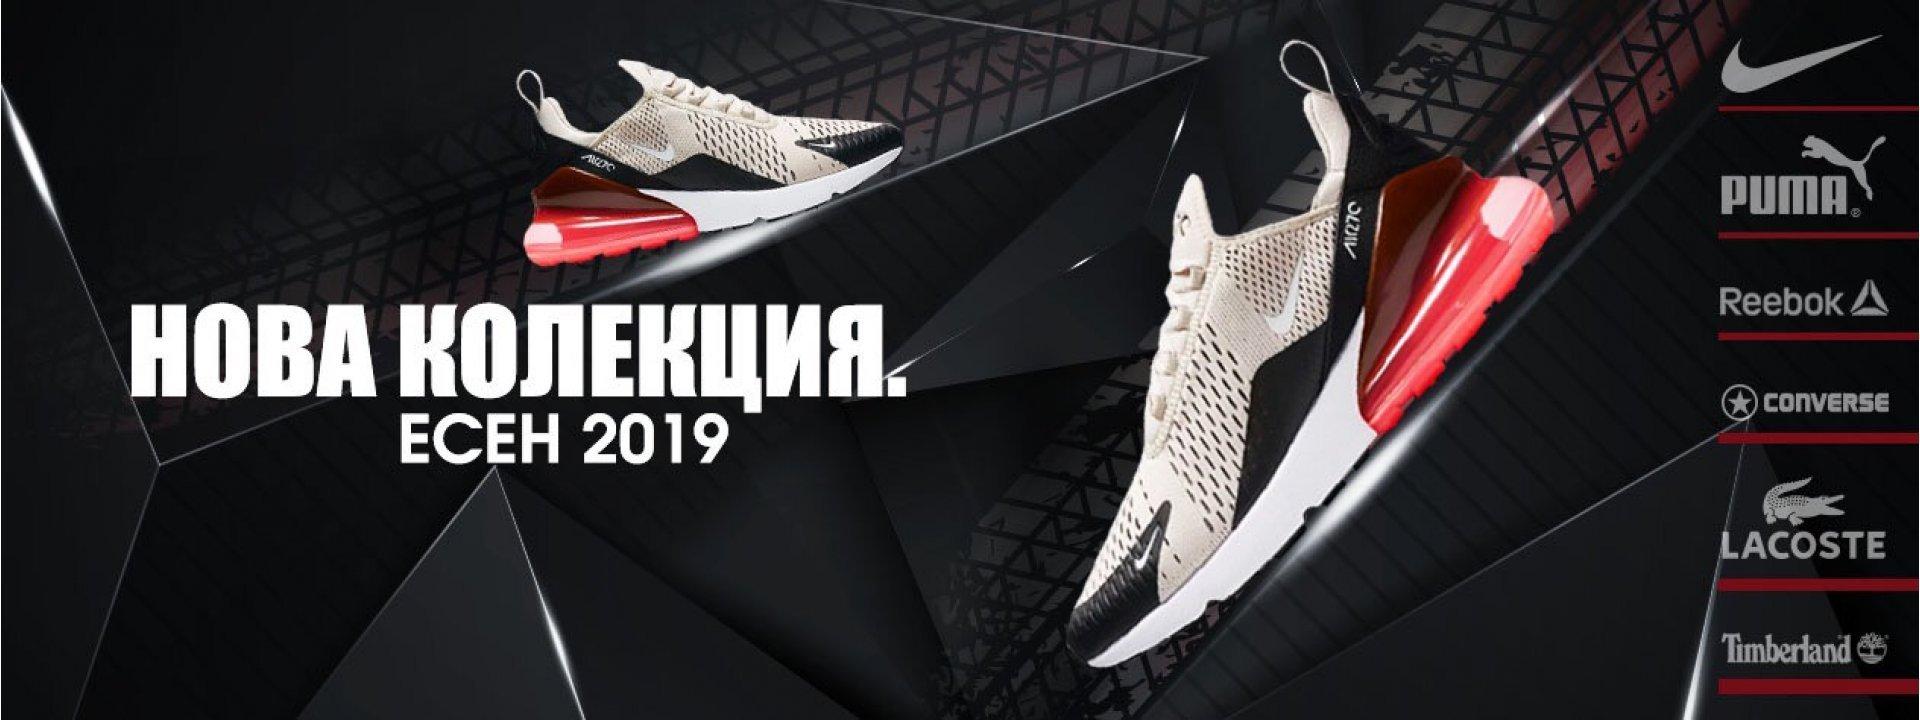 f65b615bec3 Маркови маратонки, дрехи и аксесоари - Nike, Puma, Reebok, Lacoste ...